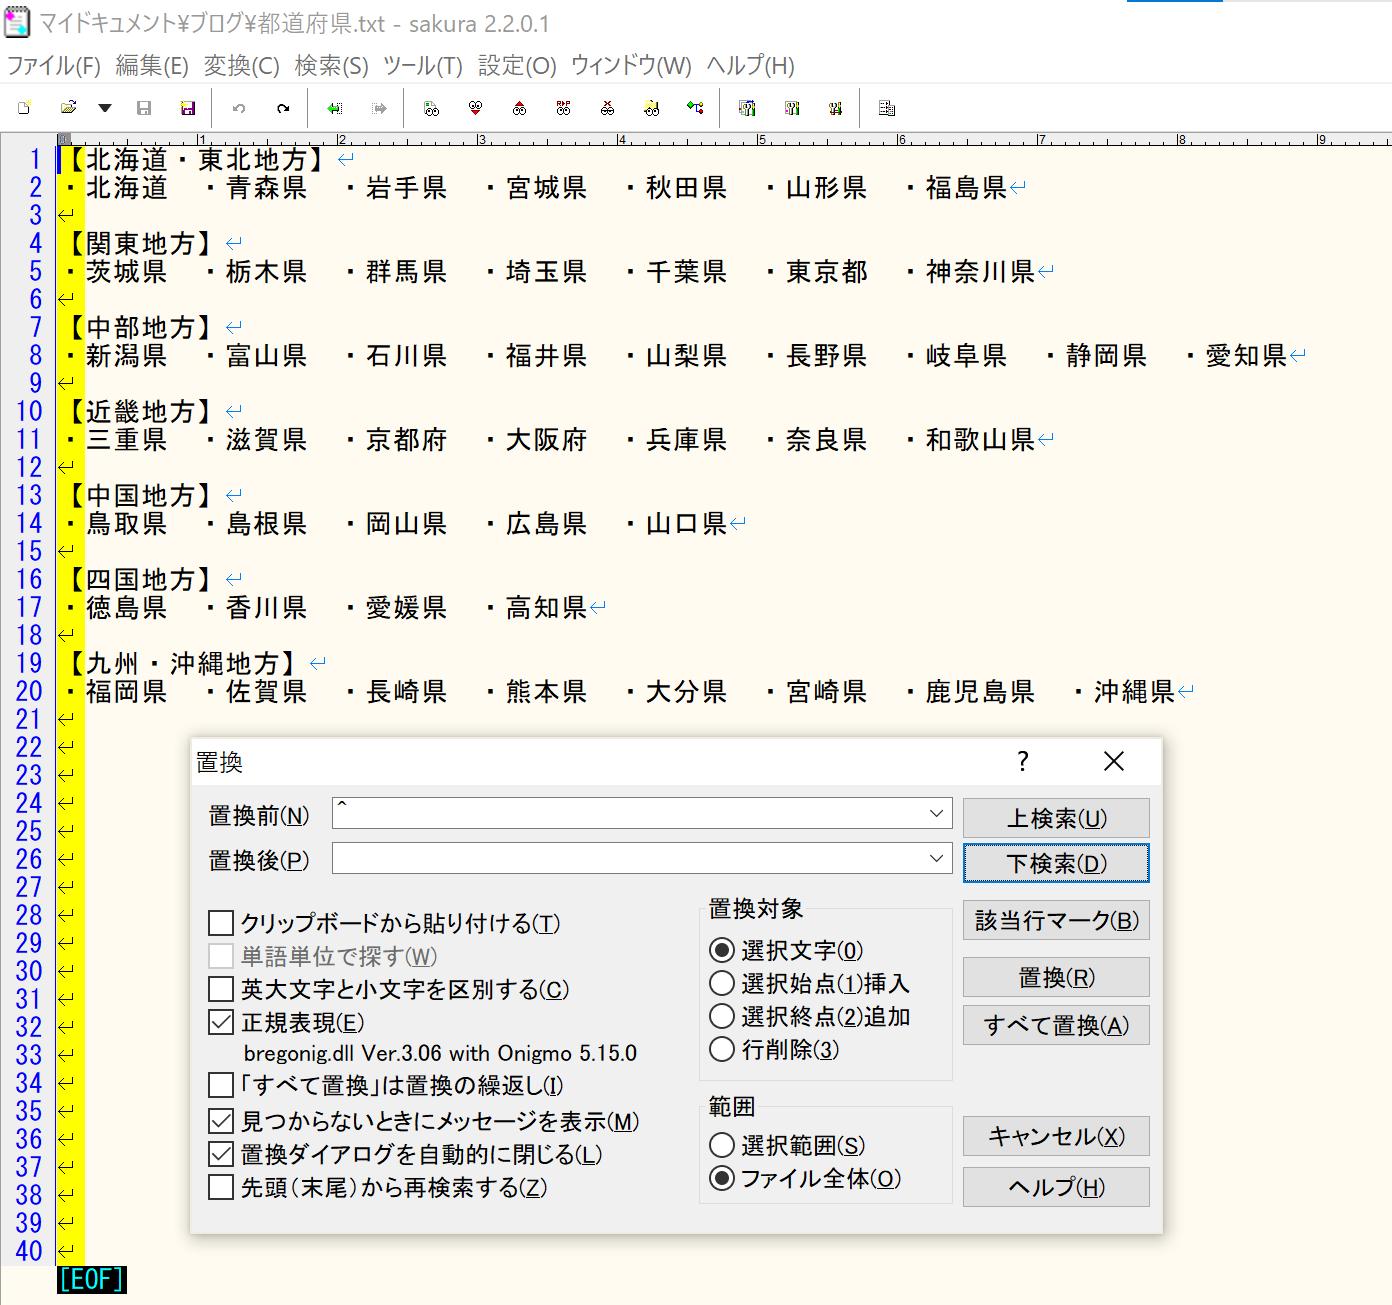 サクラエディタの「置換」画面の入力欄「置換前」に「^」(「ハット」)を入力して「下検索」を実行した画面